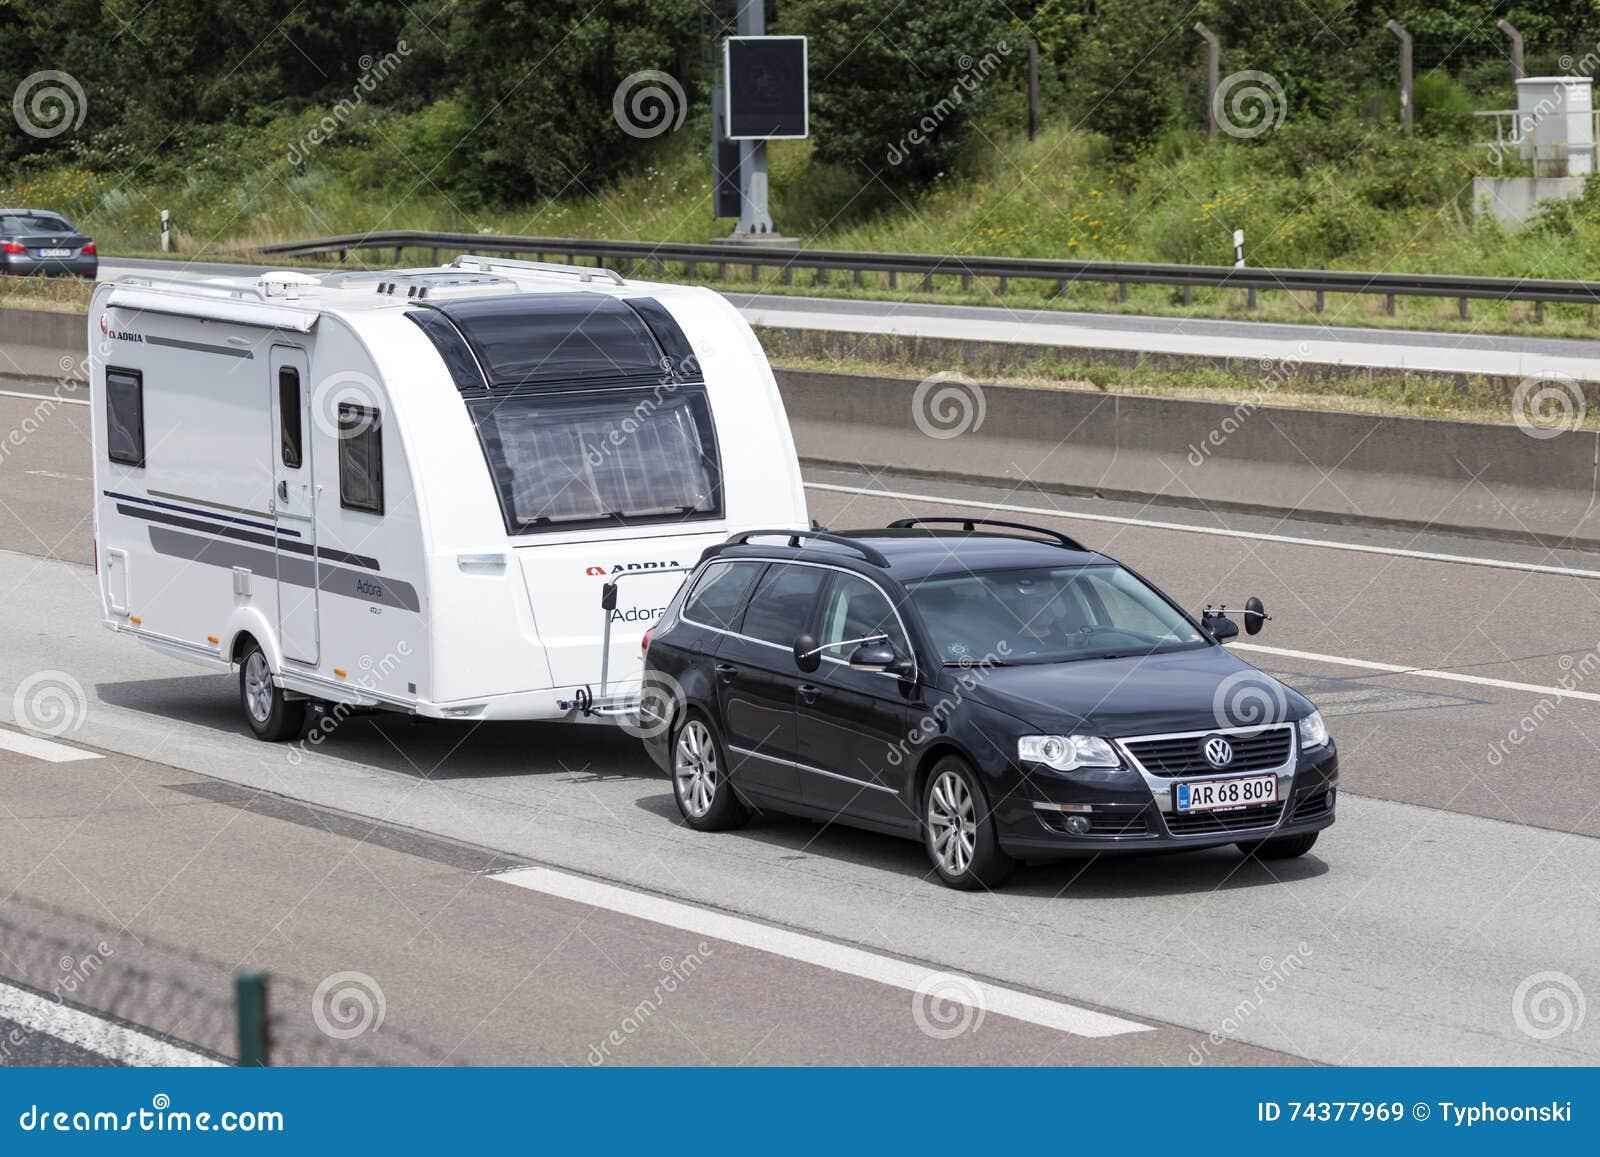 Volkswagen Passat Towing A Caravan Editorial Stock Image Image Of